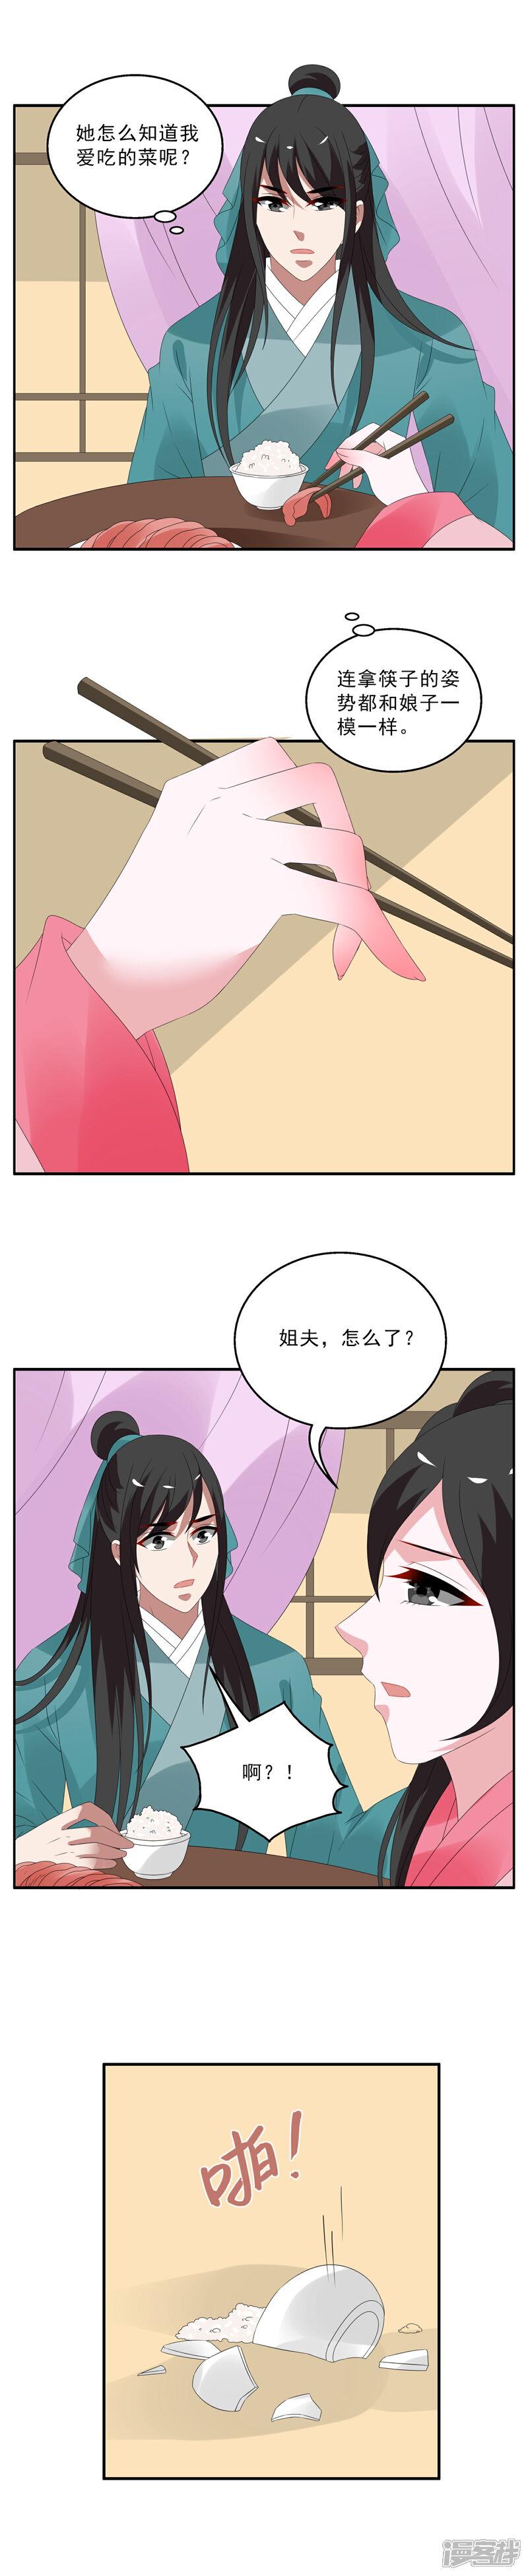 洛小妖139 (4).JPG